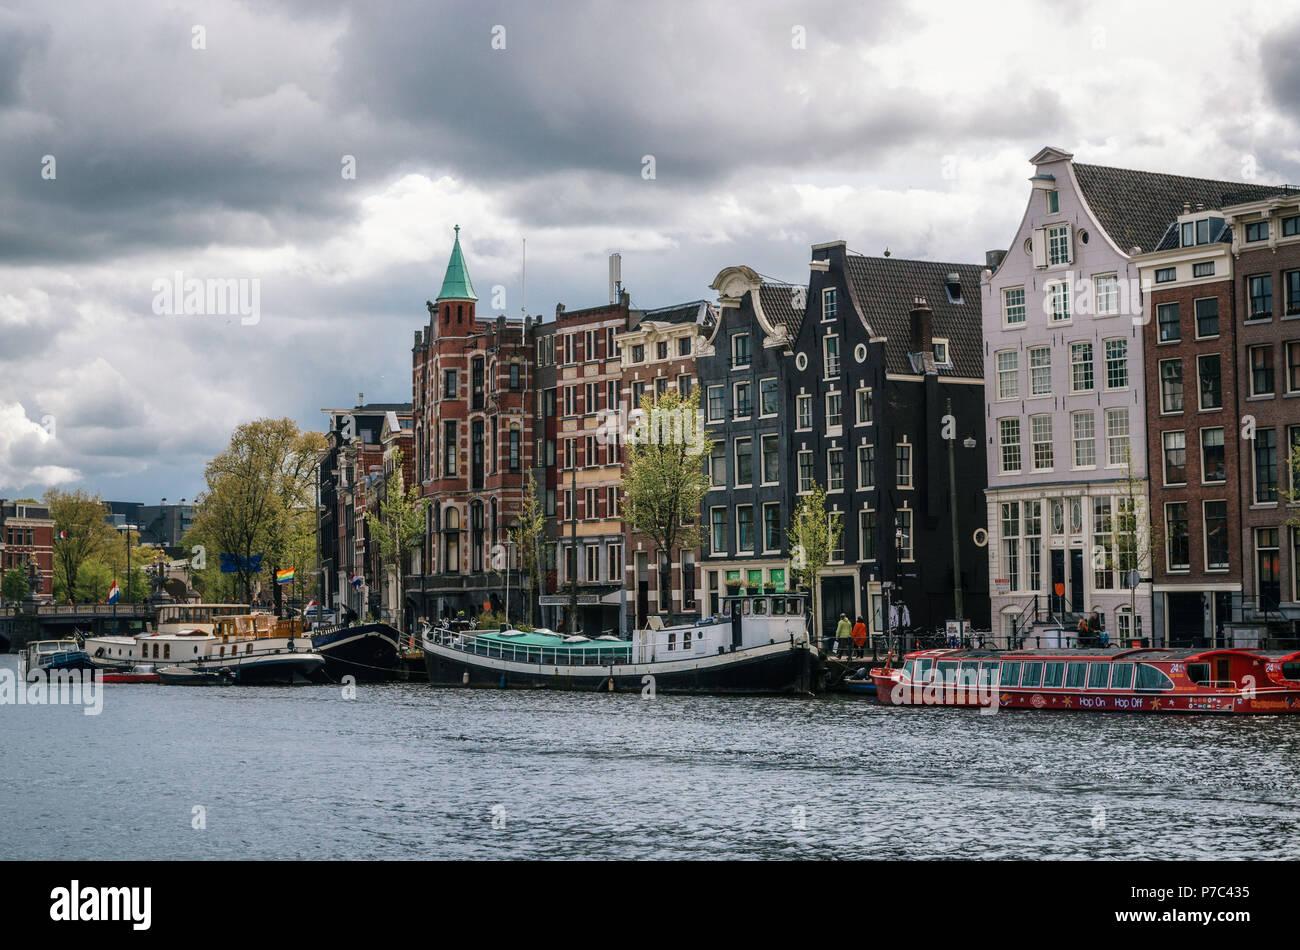 Amsterdam, Holanda - 27 de abril, 2017: Casas flotantes y viviendo barcazas en Binnenamstel canal contra casas de típica holandesa con pabellón de Países Bajos y Foto de stock